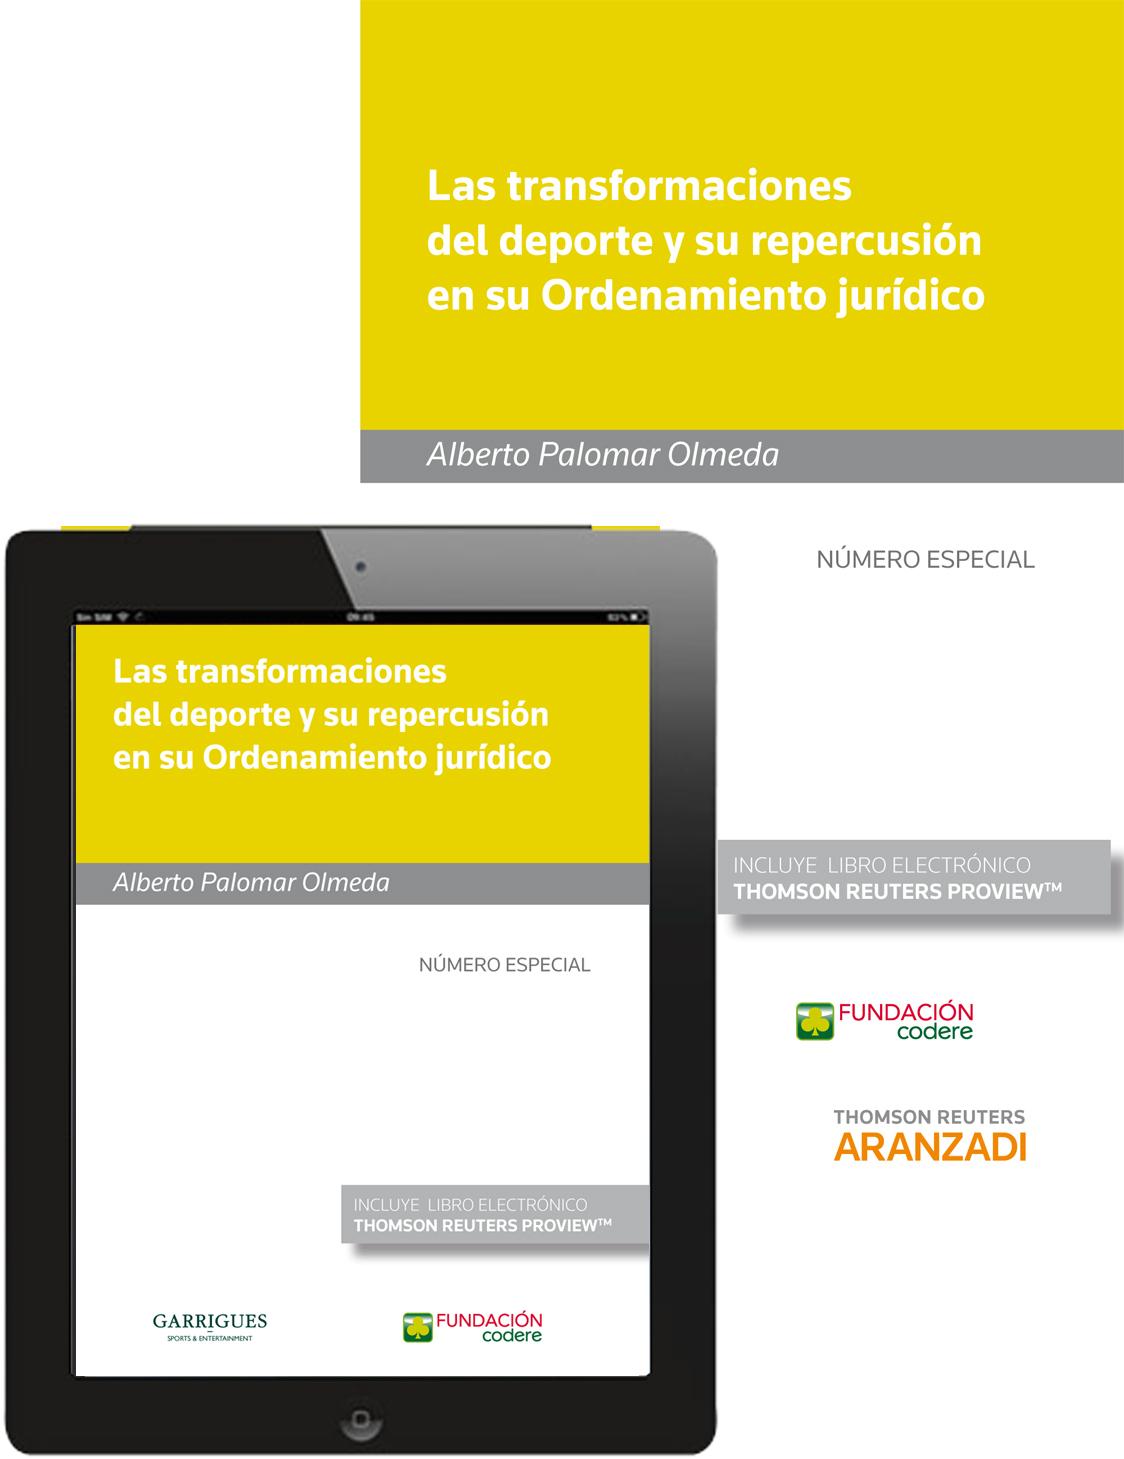 LAS TRANSFORMACIONES DEL DEPORTE Y SU REPERCUSIÓN EN SU ORDENAMIENTO JURÍDICO (P